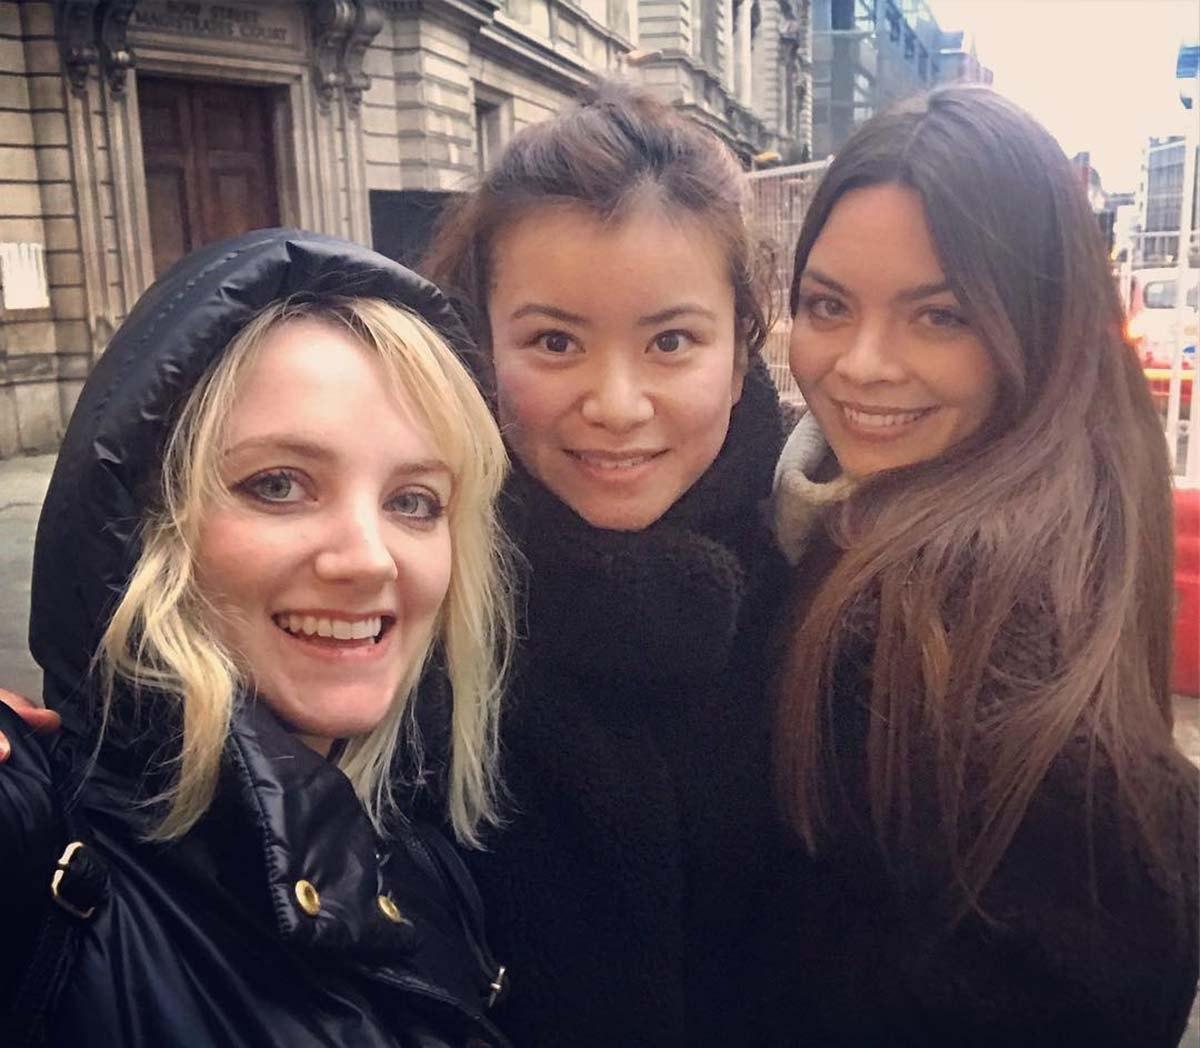 """Cô nàng Evanna Lynch (vai Luna Lovegood) đã chia sẻ bức ảnh """"hội chị em"""" trên Instagram, khi cô gặp Scarlett Byrne (vai Pansy Parkinson) và Katie Leung (vai Cho Chang) ở London, hồi tháng 1/2019."""